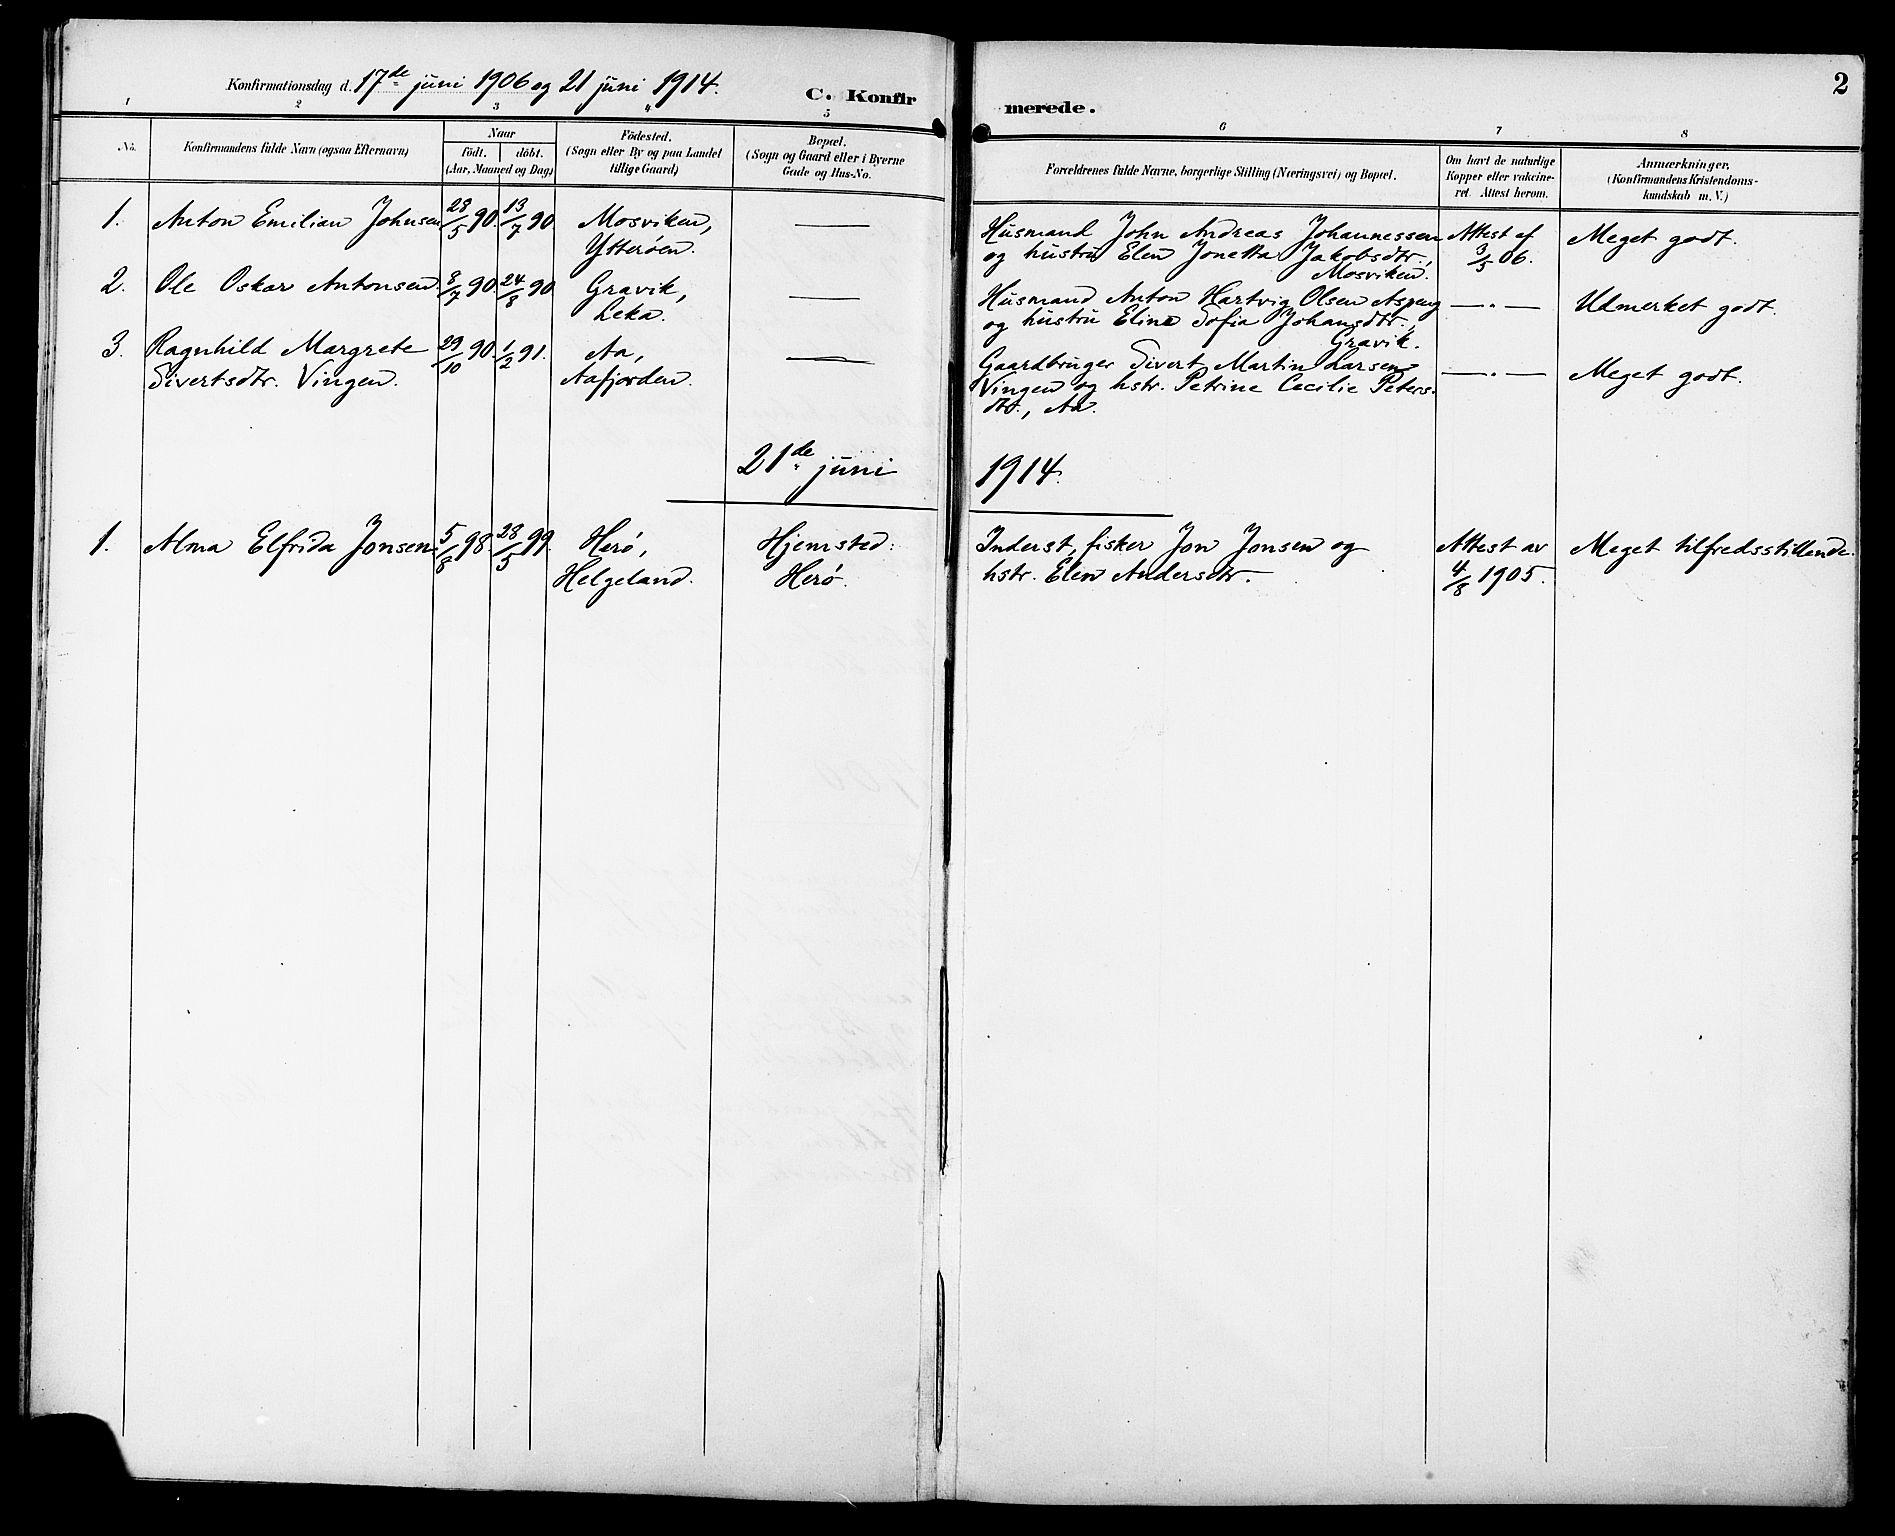 SAT, Ministerialprotokoller, klokkerbøker og fødselsregistre - Sør-Trøndelag, 629/L0486: Ministerialbok nr. 629A02, 1894-1919, s. 2